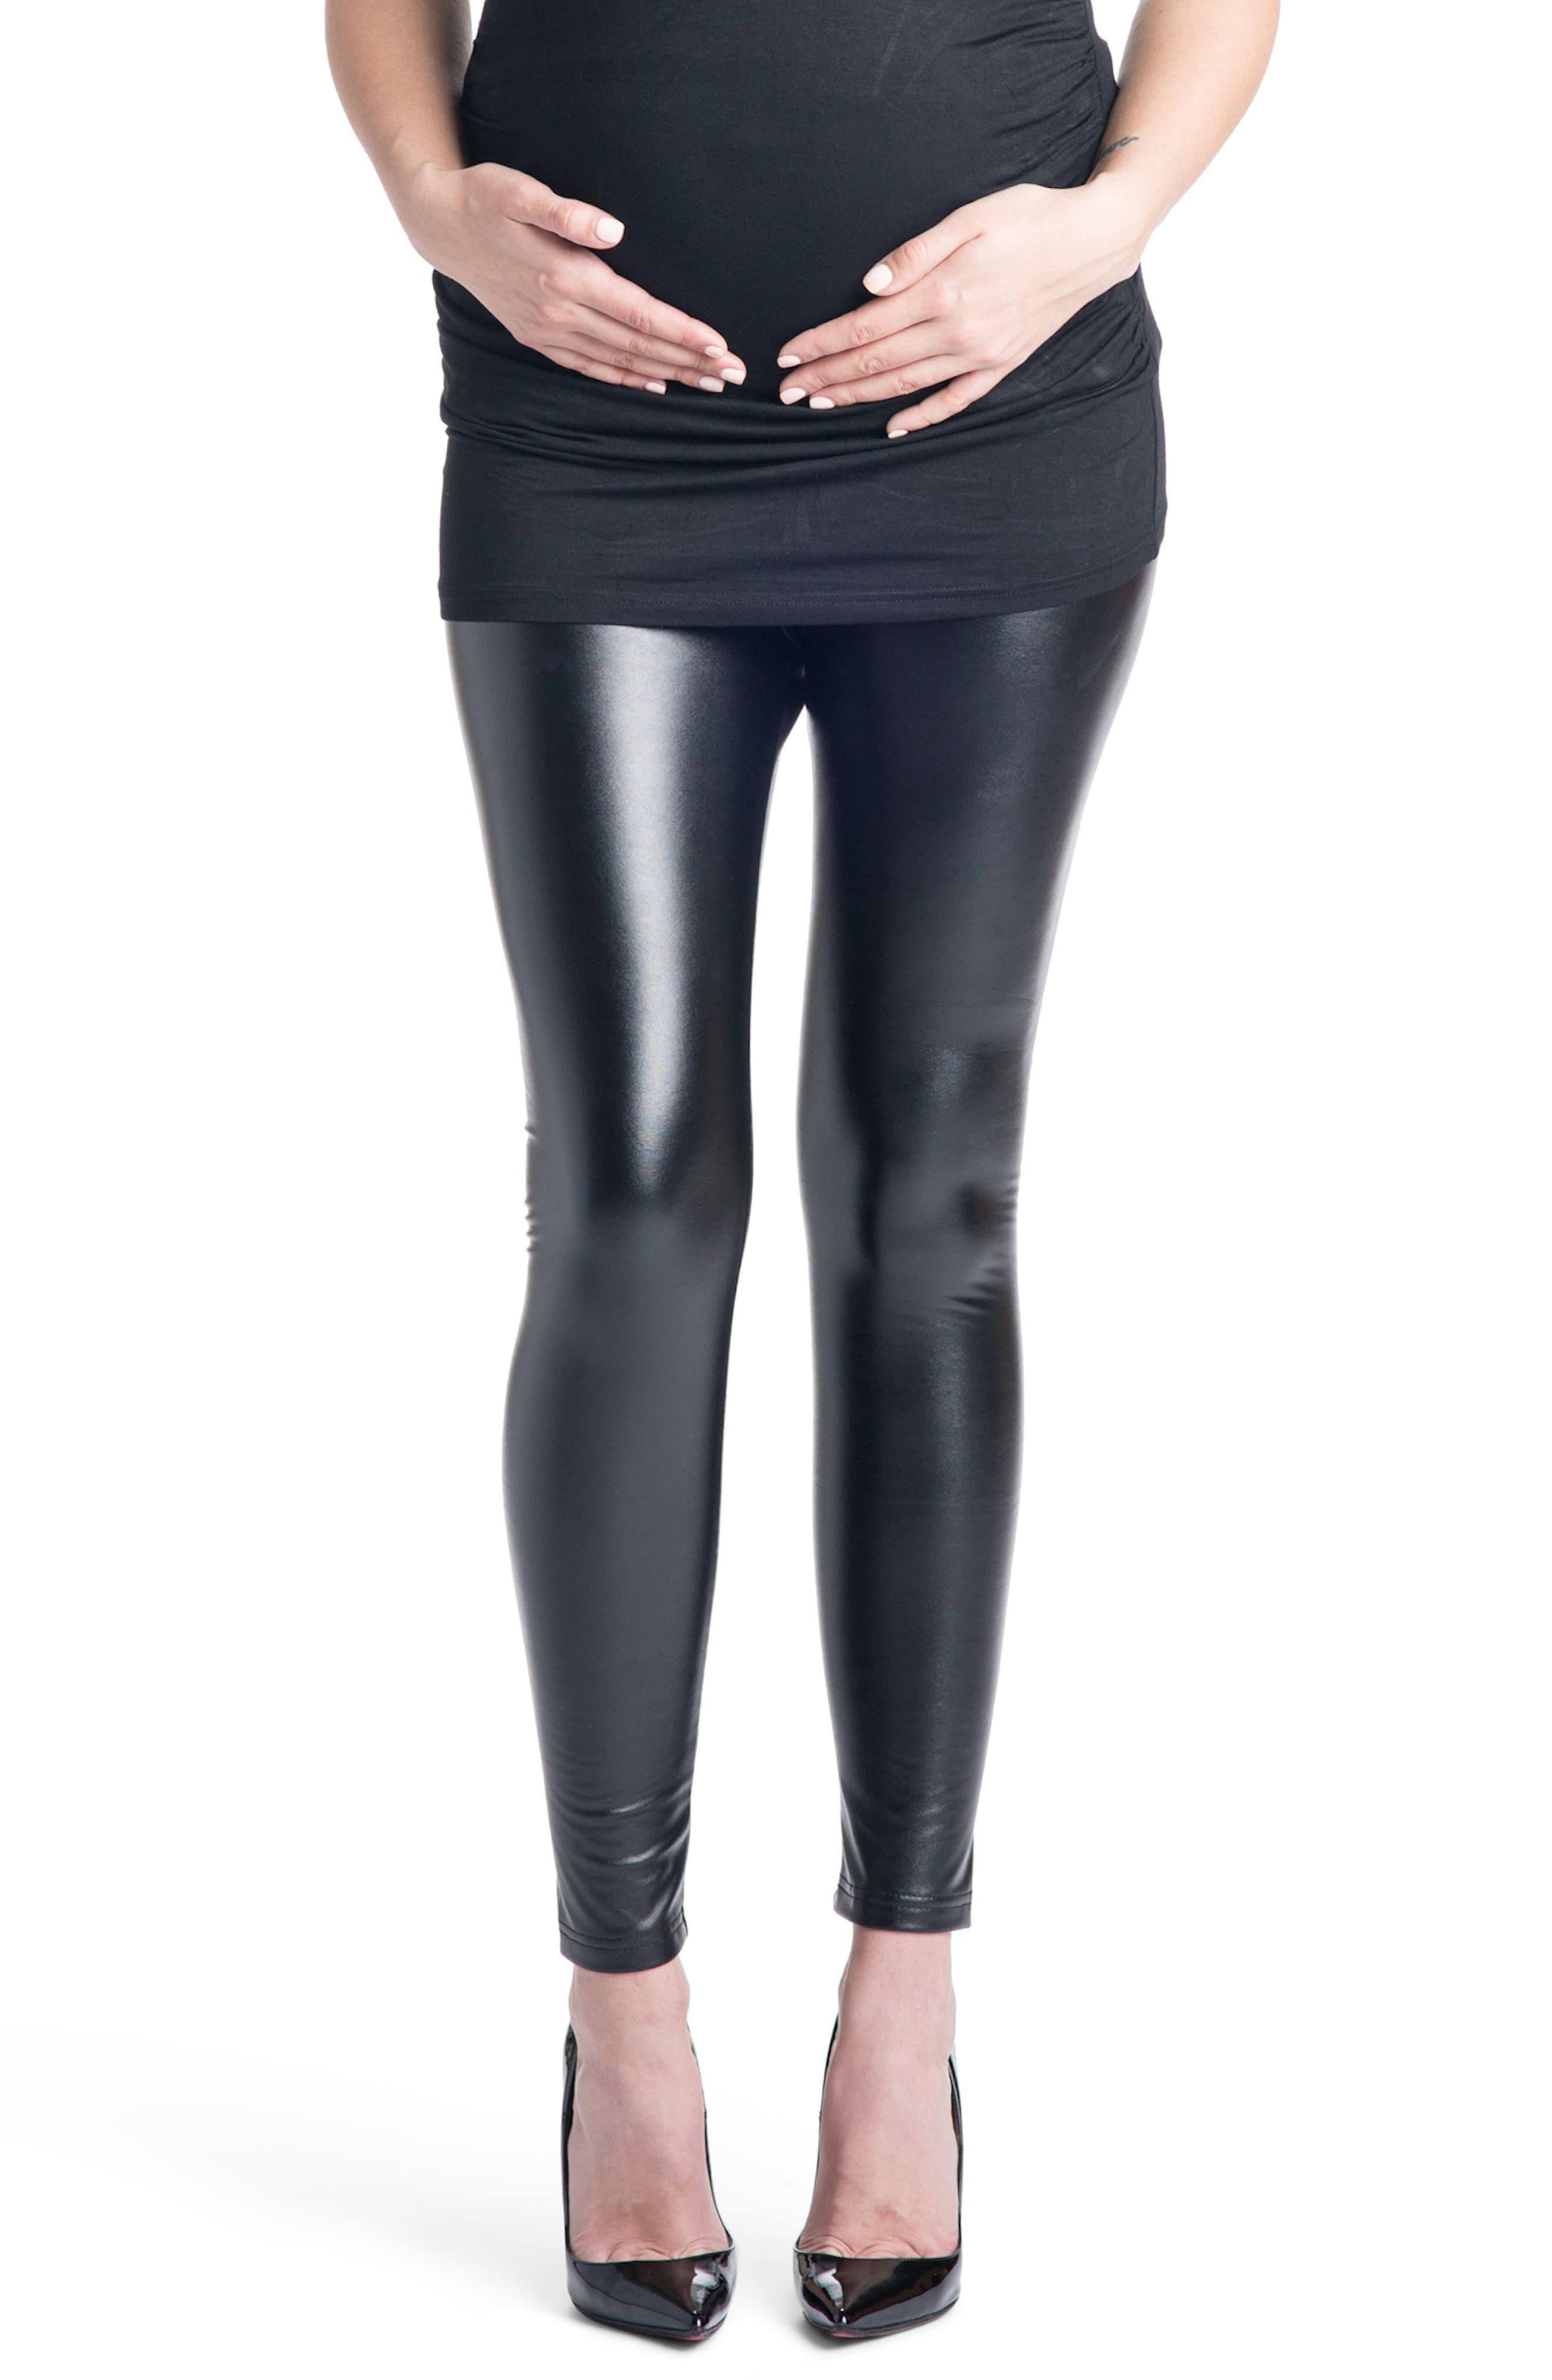 Rock Star Mamacita Maternity Leggings,                         Main,                         color, Black